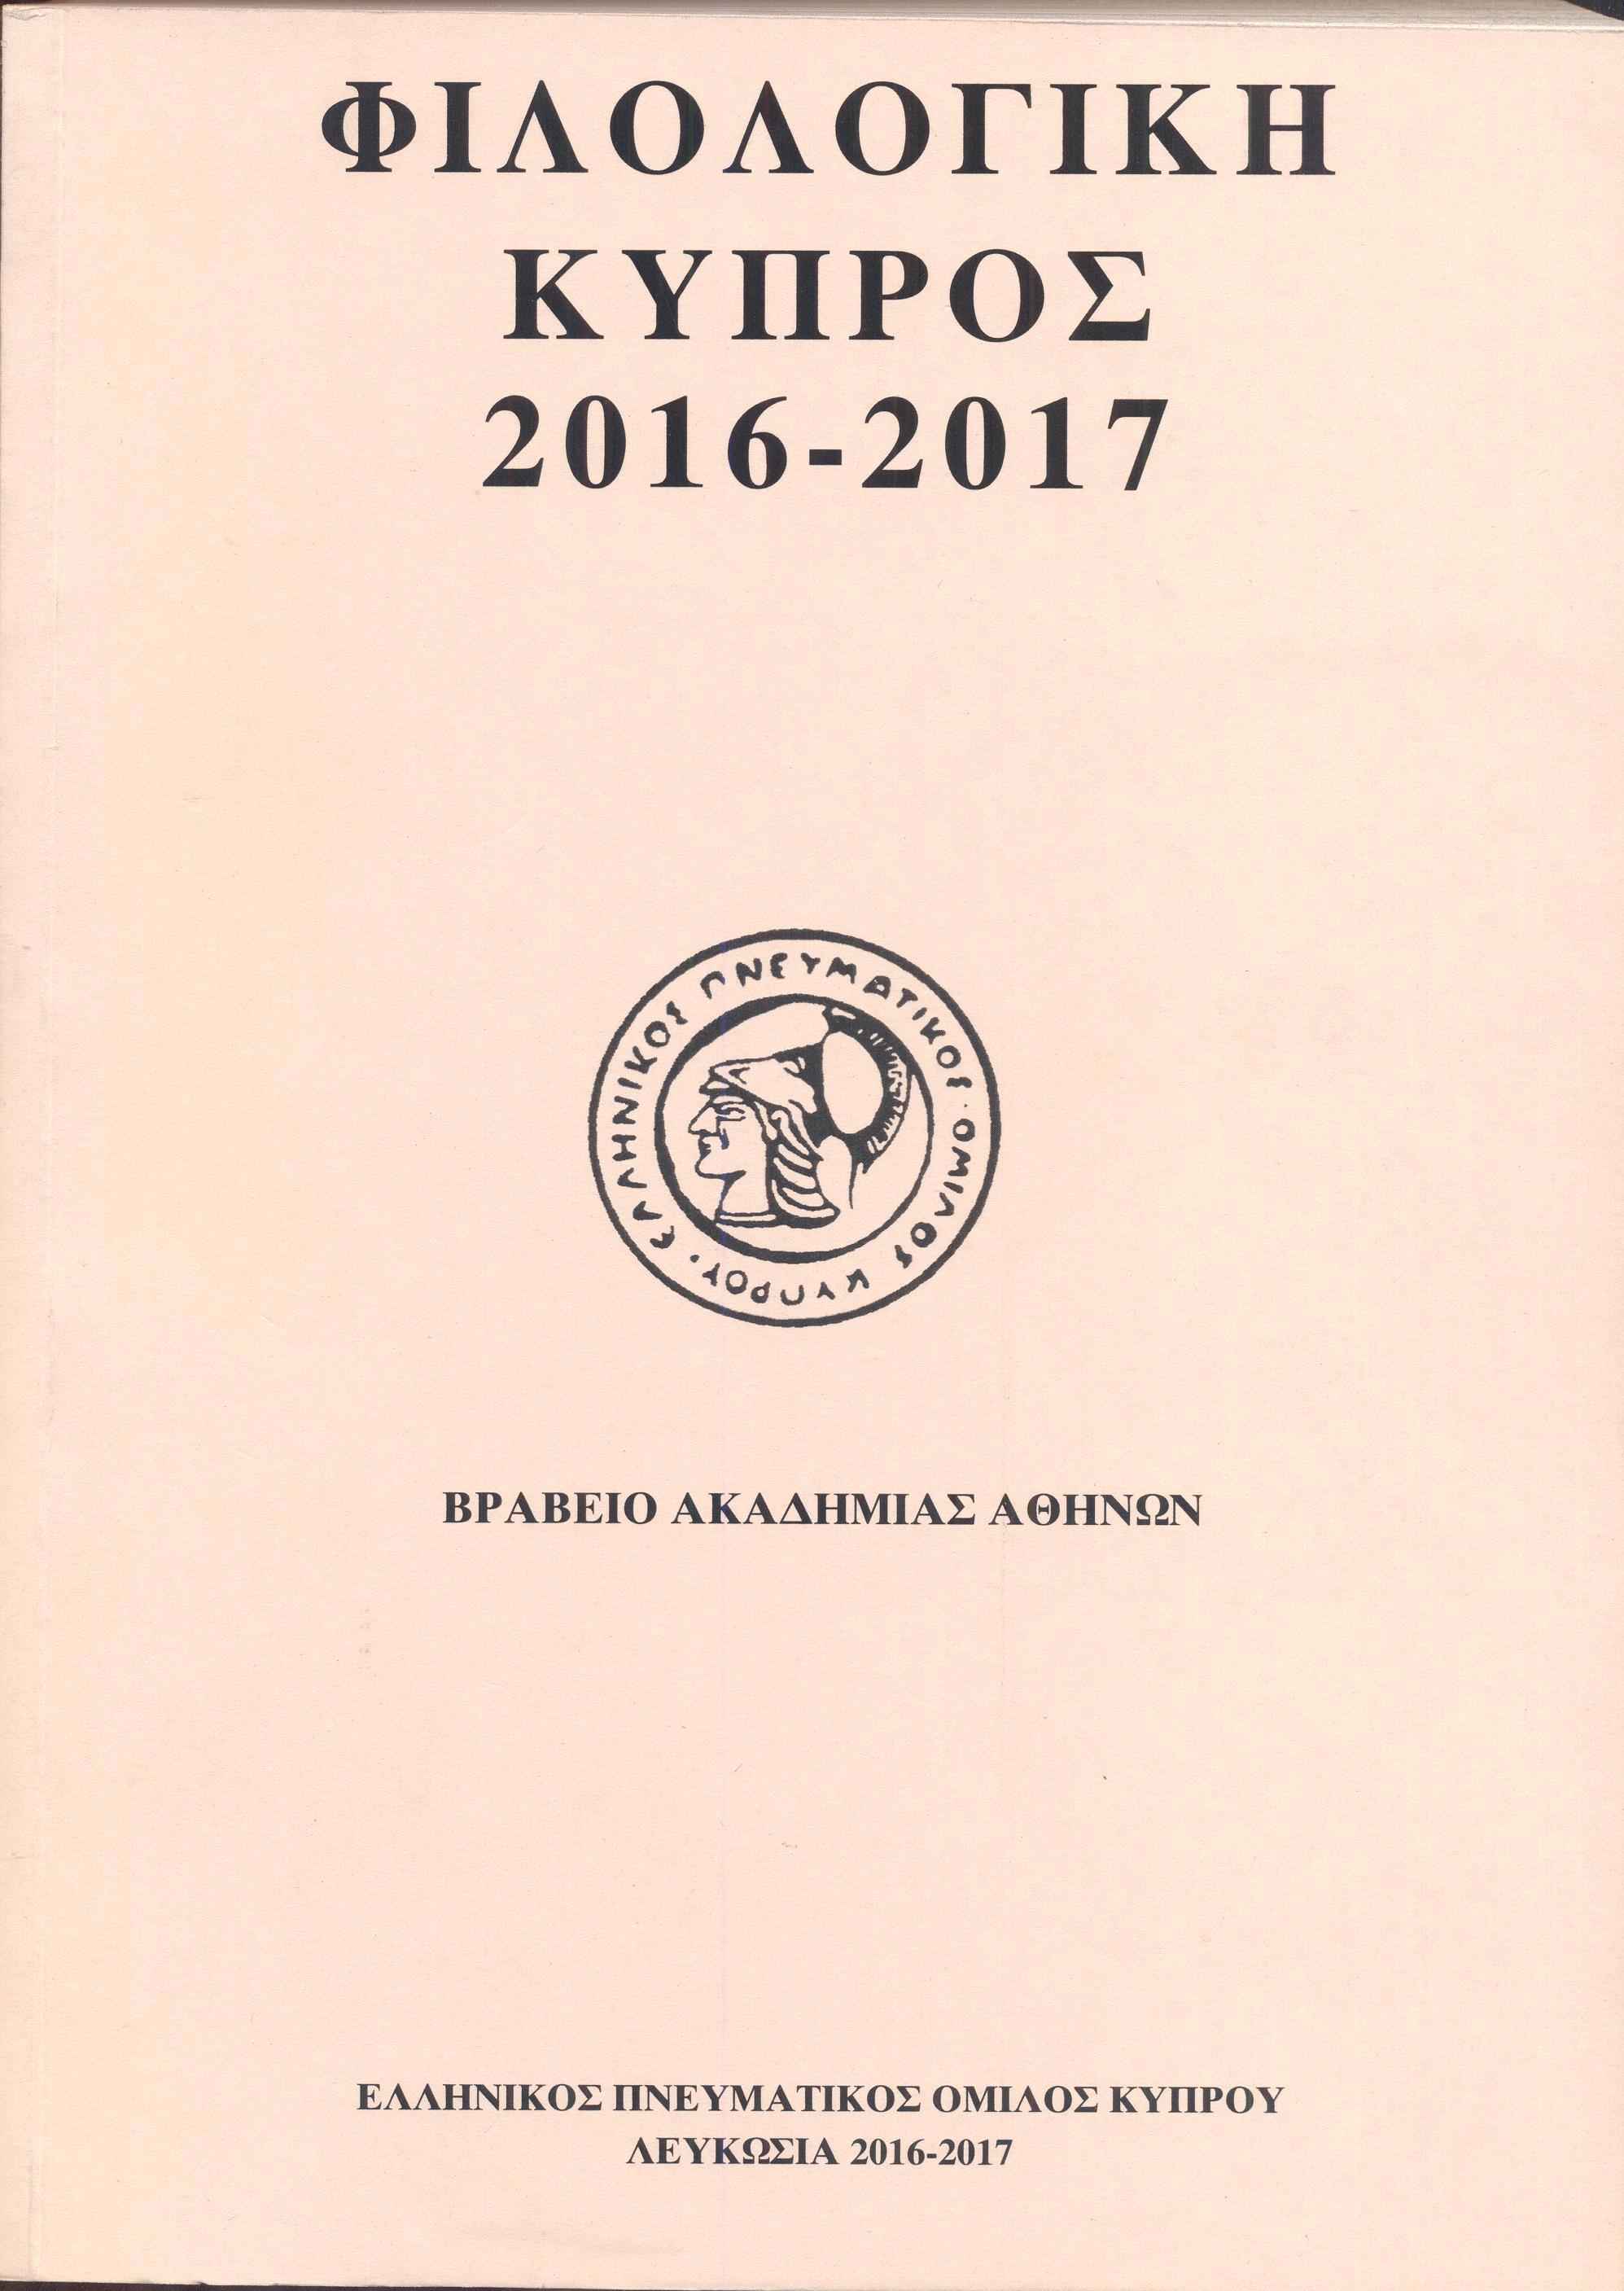 Φιλολογική Κύπρος 2016-2017